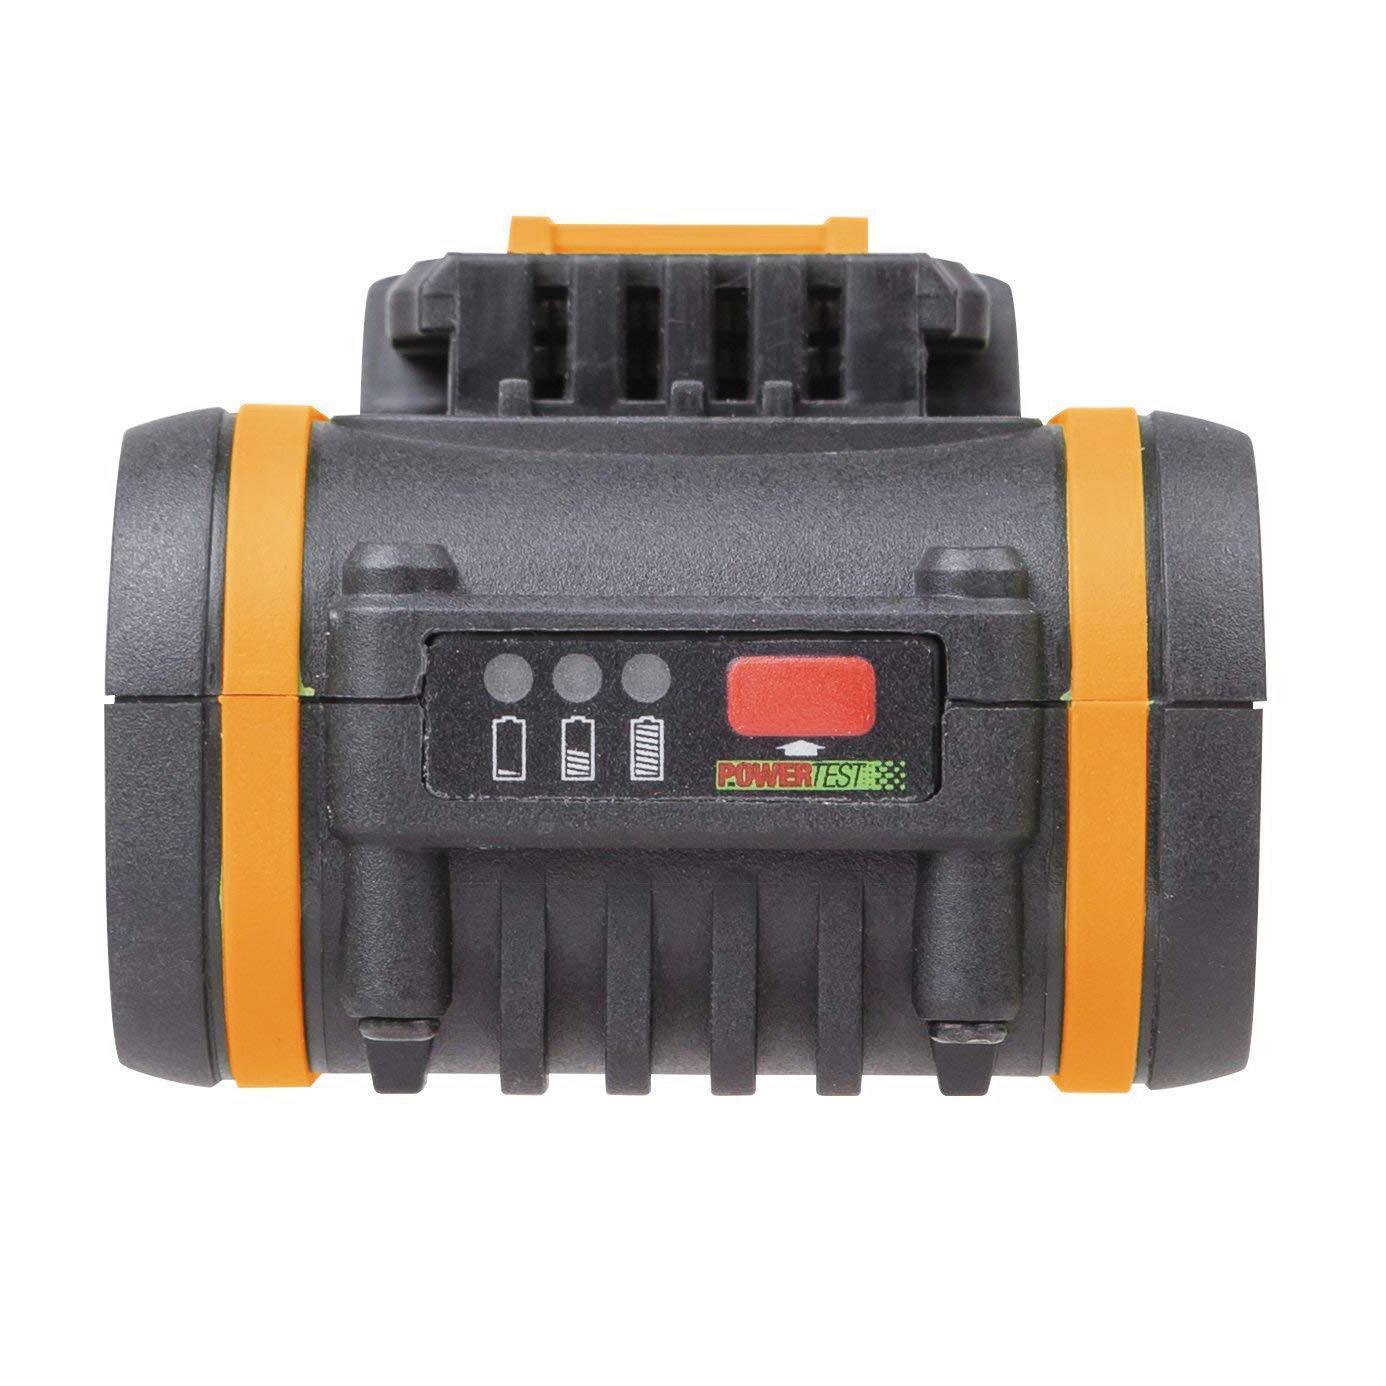 Batteria WORX in litio (li-ion) 20 V 4 Ah - 3